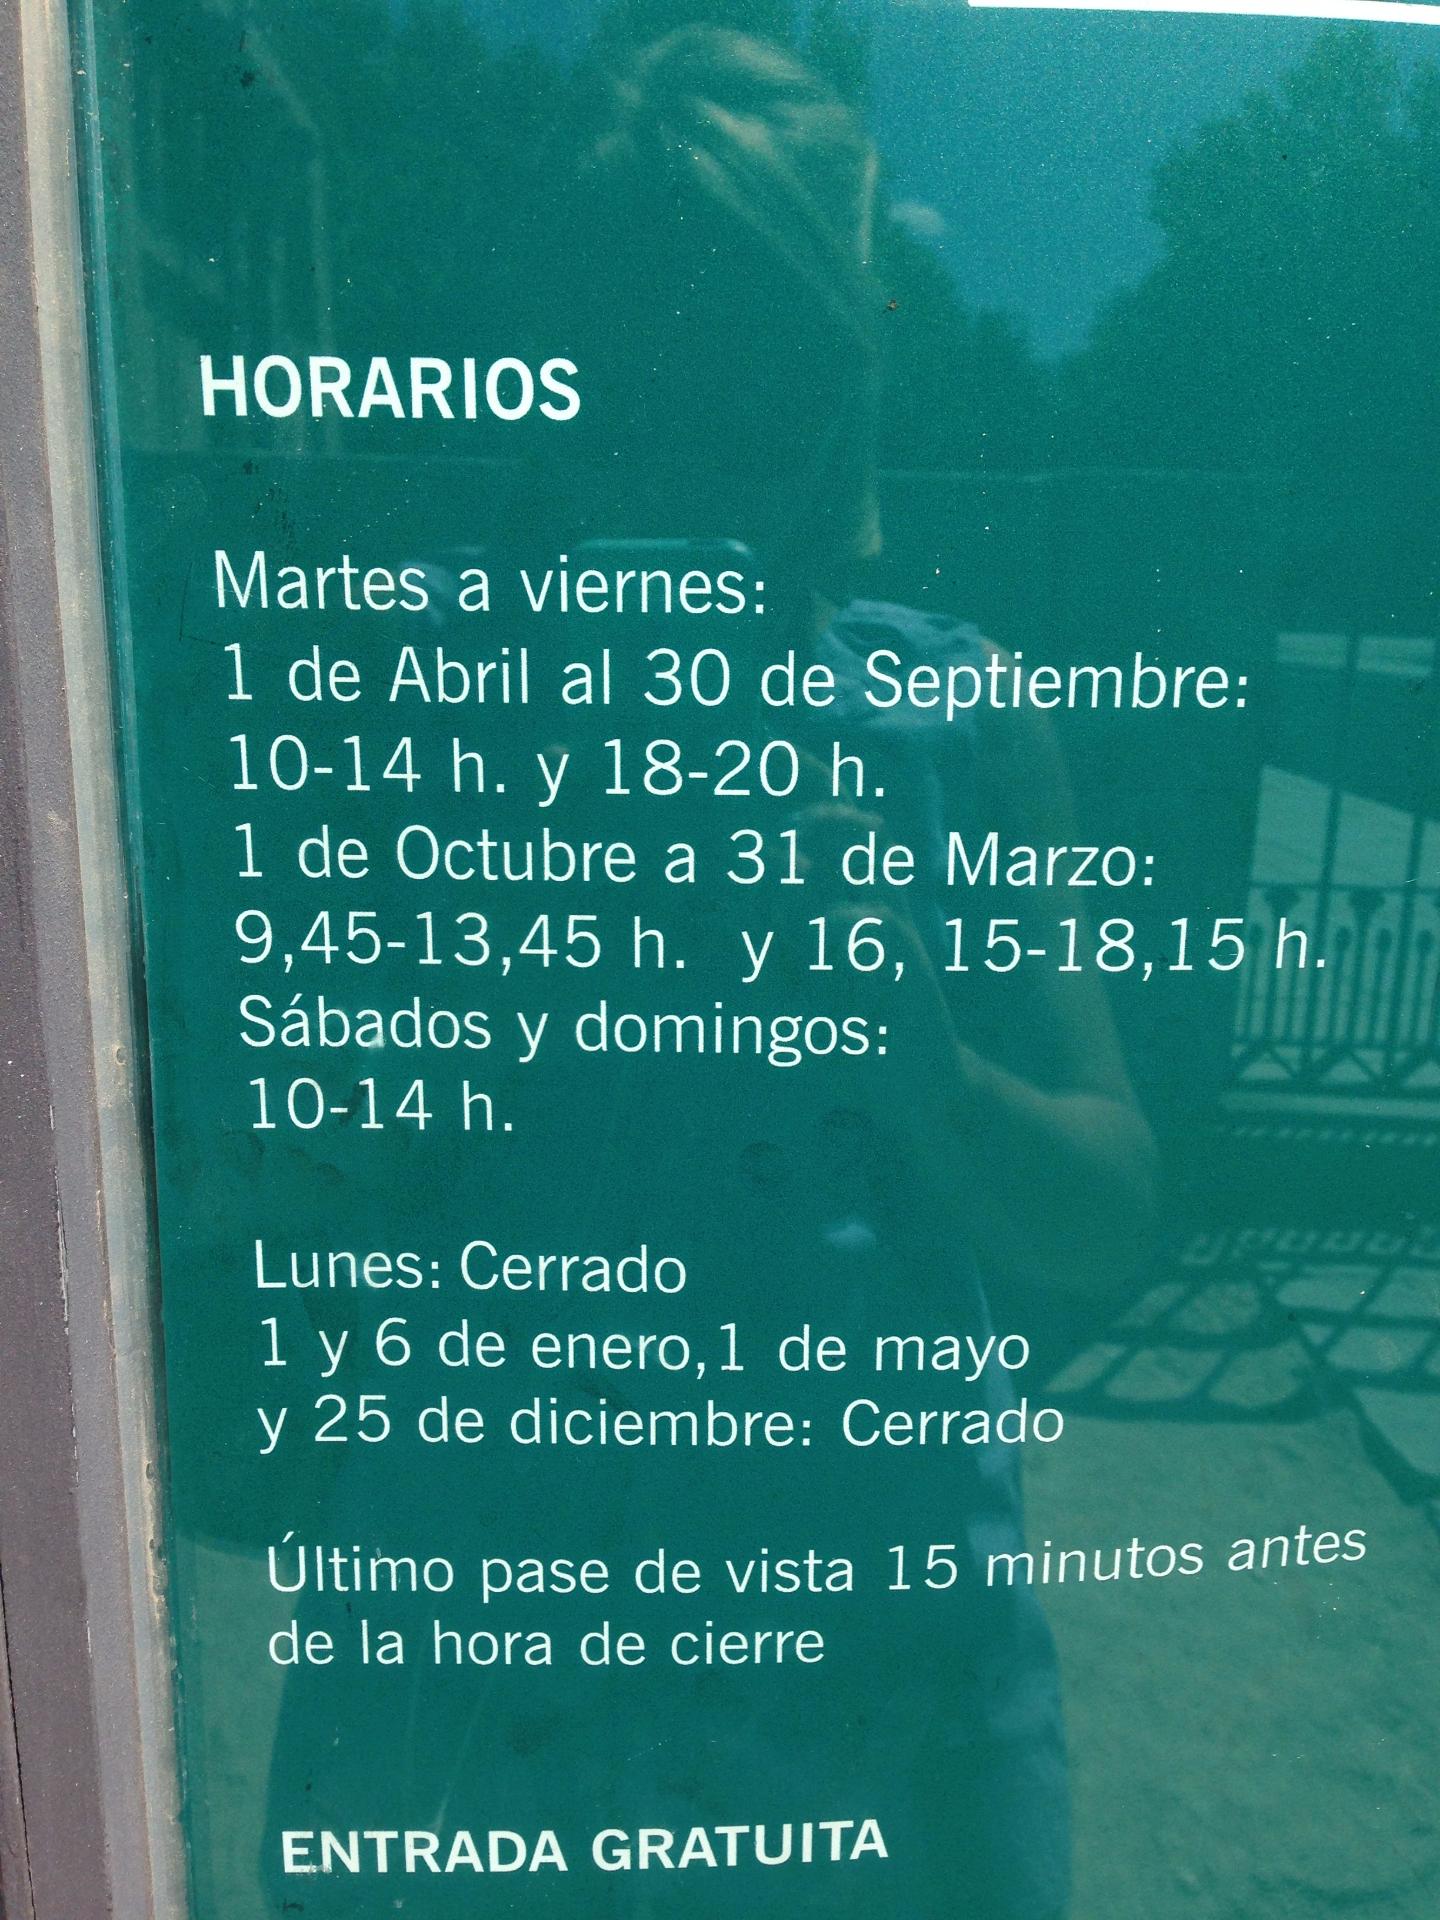 Horario de Debod